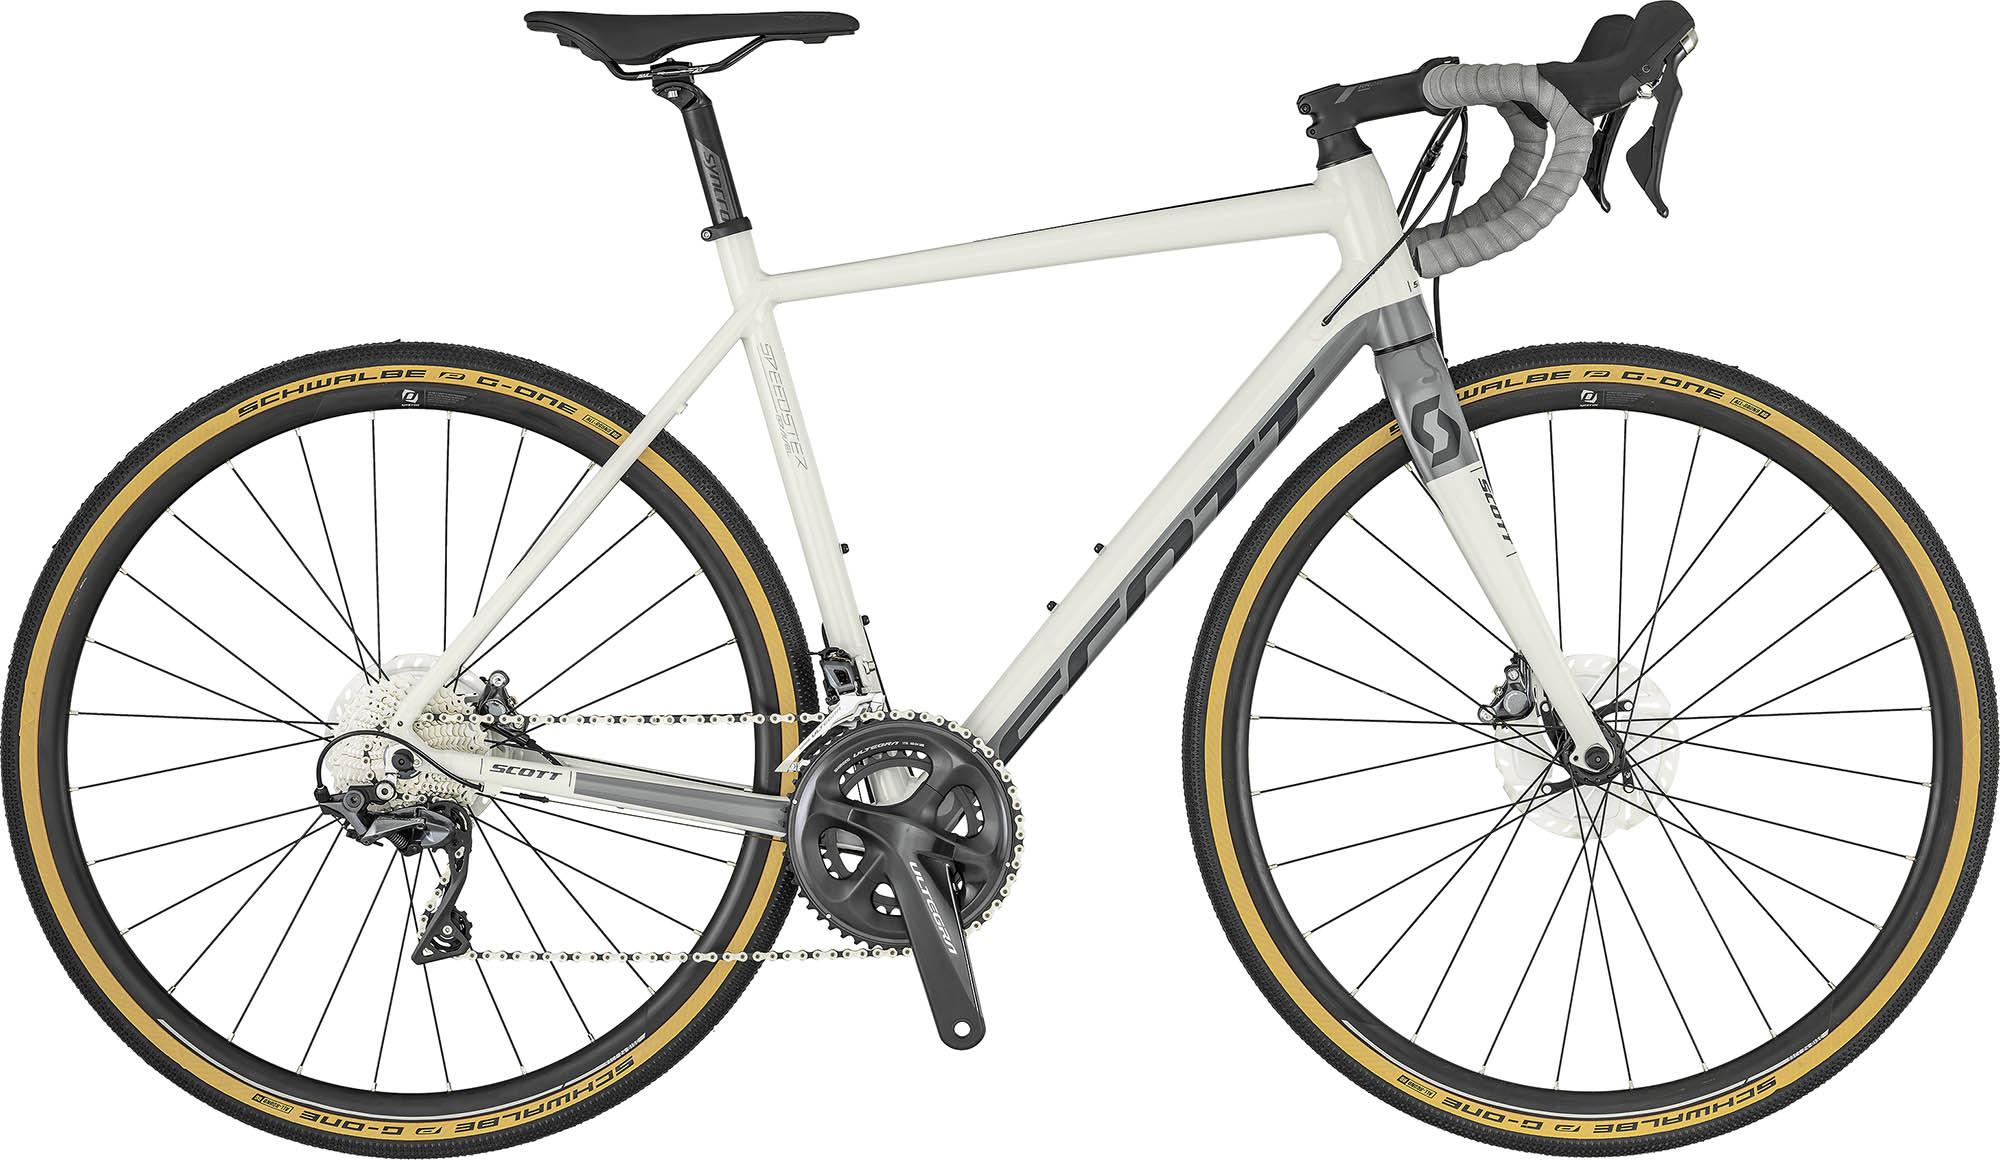 36308a12e7e Scott Speedster Gravel 10 Cyclocrossbike ▷ buy online cheaply ▷ mhw-bike.com